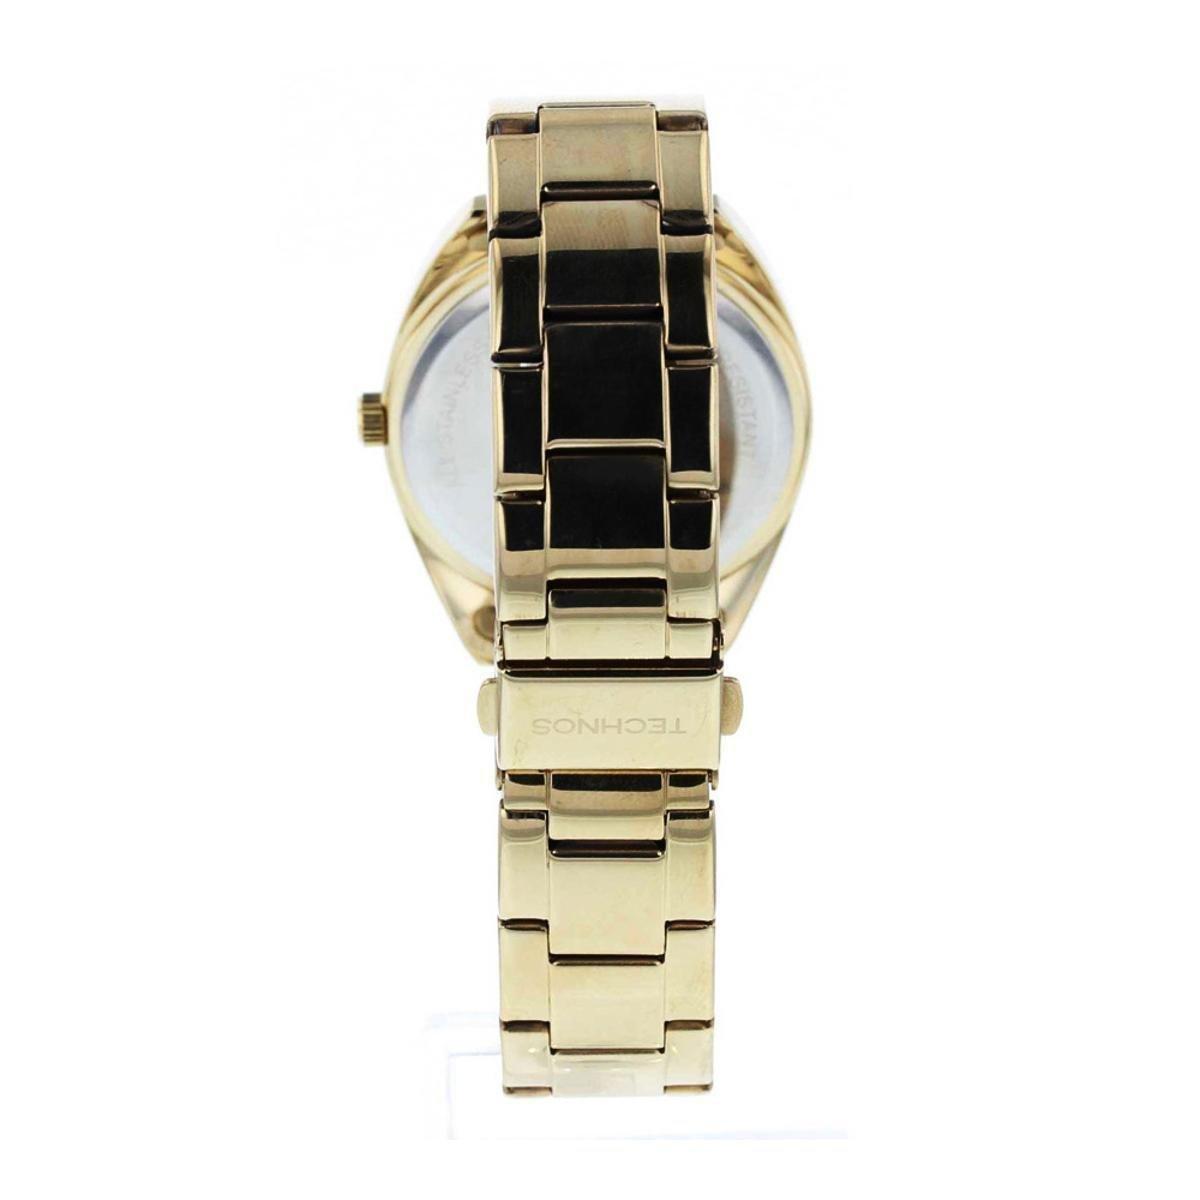 Relógio Technos Dress Feminino Analógico - 2035MCF 4C 2035MCF 4C ... e2ec74803a